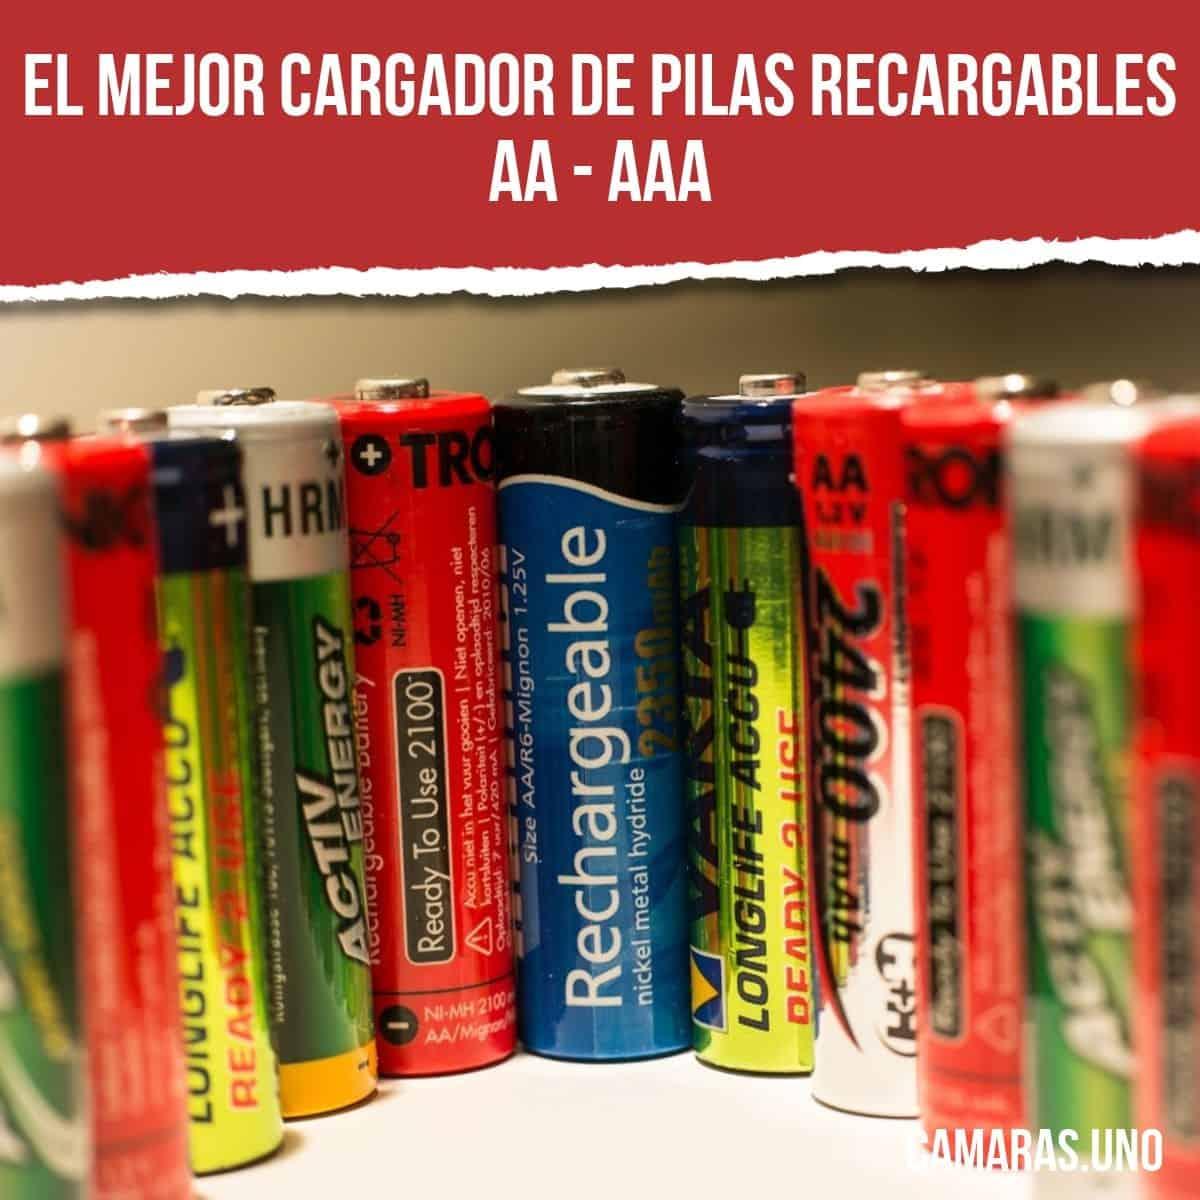 El mejor cargador de pilas recargables AA - AAA